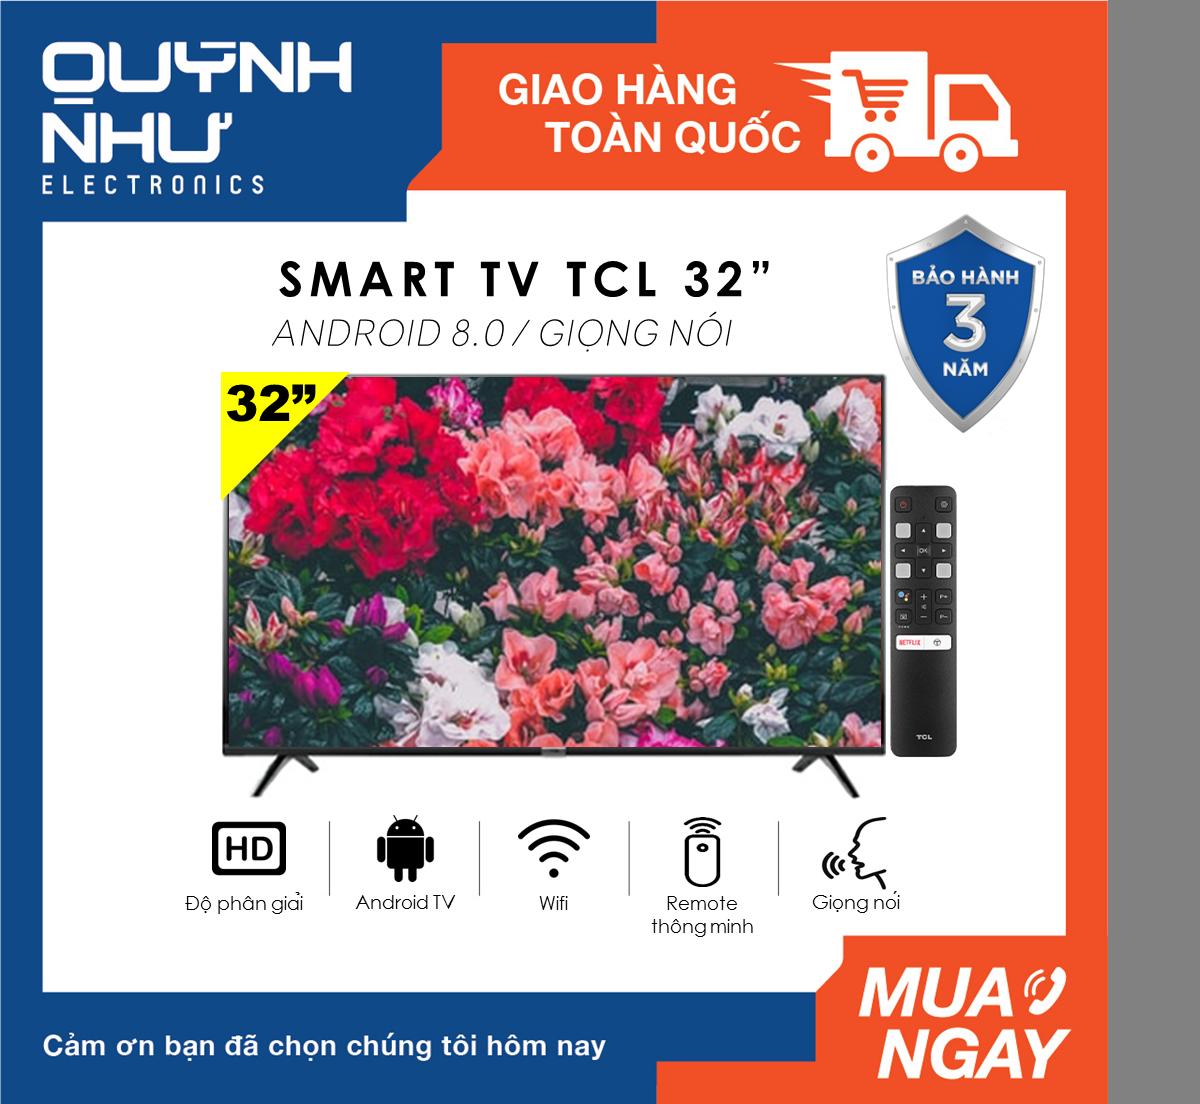 (Trả góp 0%) Smart Voice Tivi TCL 32 inch model L32S6800 (HD Ready, Android 8.0, Kết nối Internet, Wifi,Tìm kiếm giọng nói, Dolby, Chromecast, T-cast, AI+IN -, Tặng remote thông minh, Màu đen) – Tivi giá rẻ – Bảo hành 3 năm